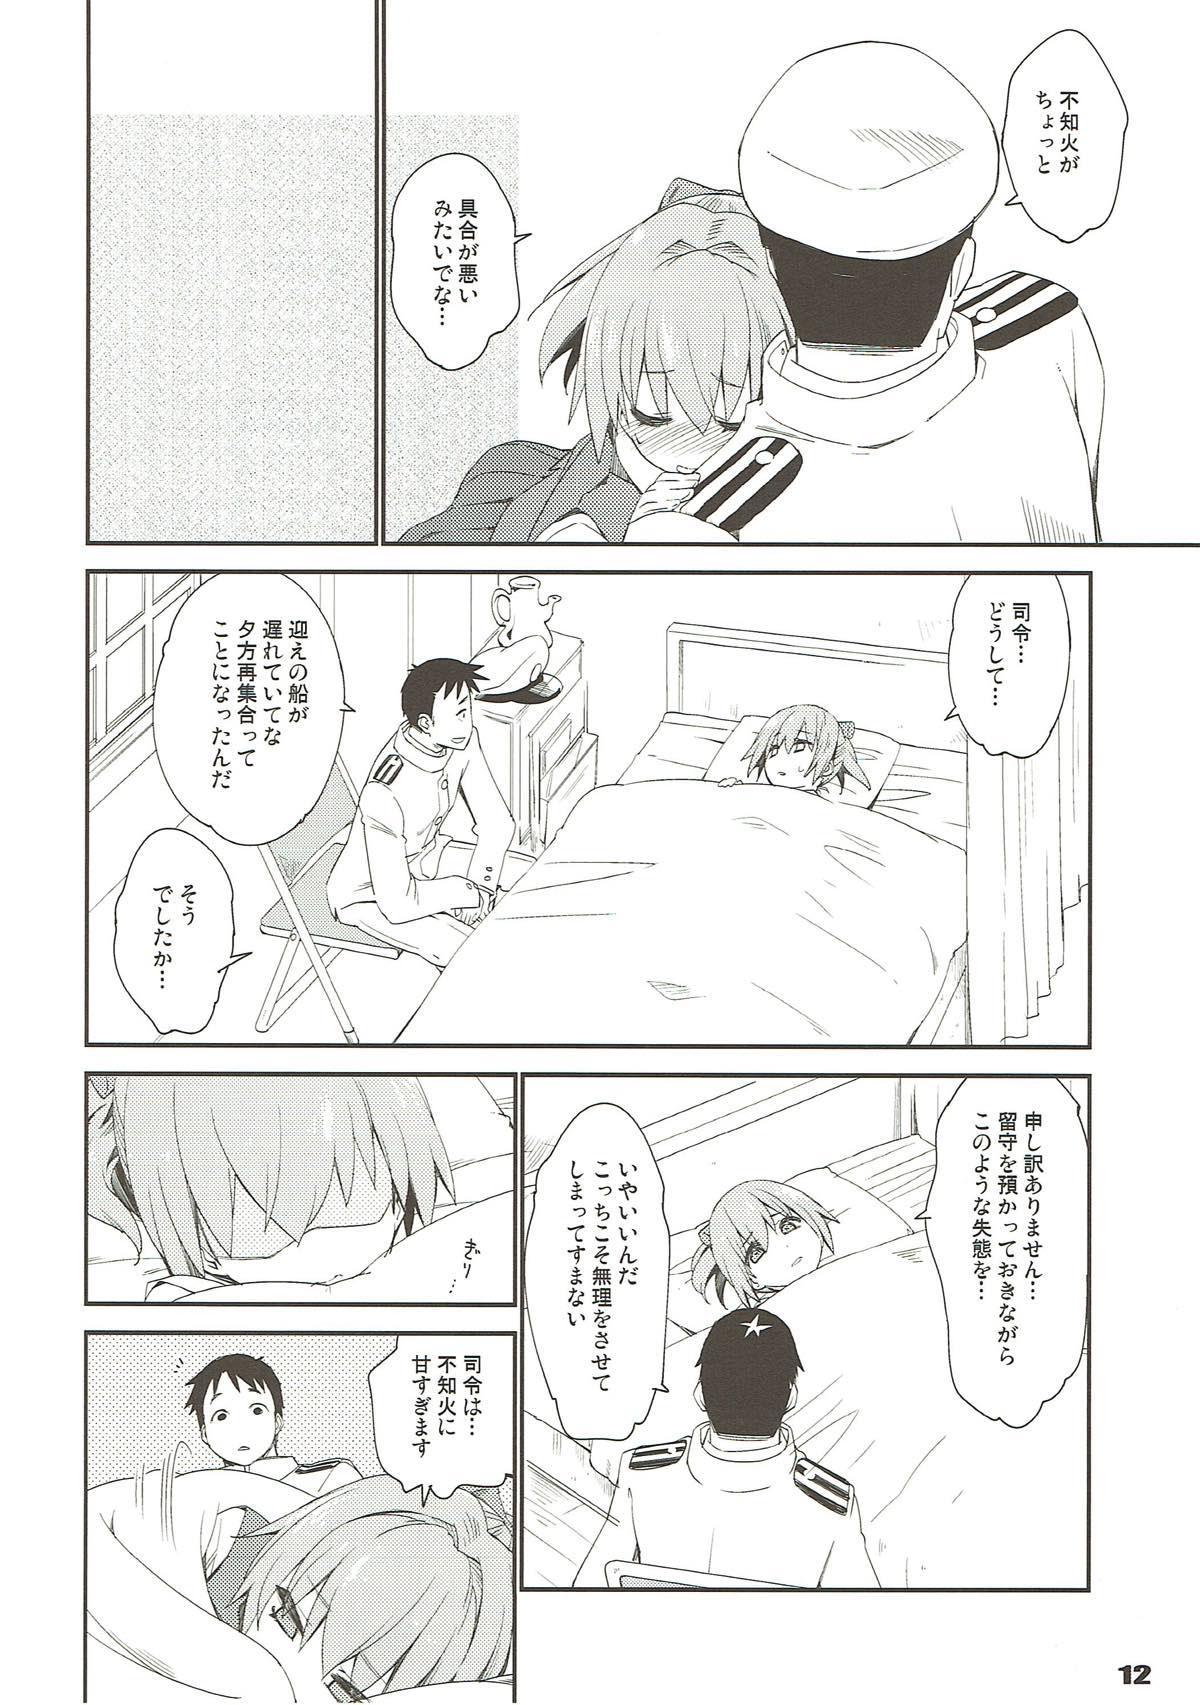 Shiranui wa Teitoku de... 8